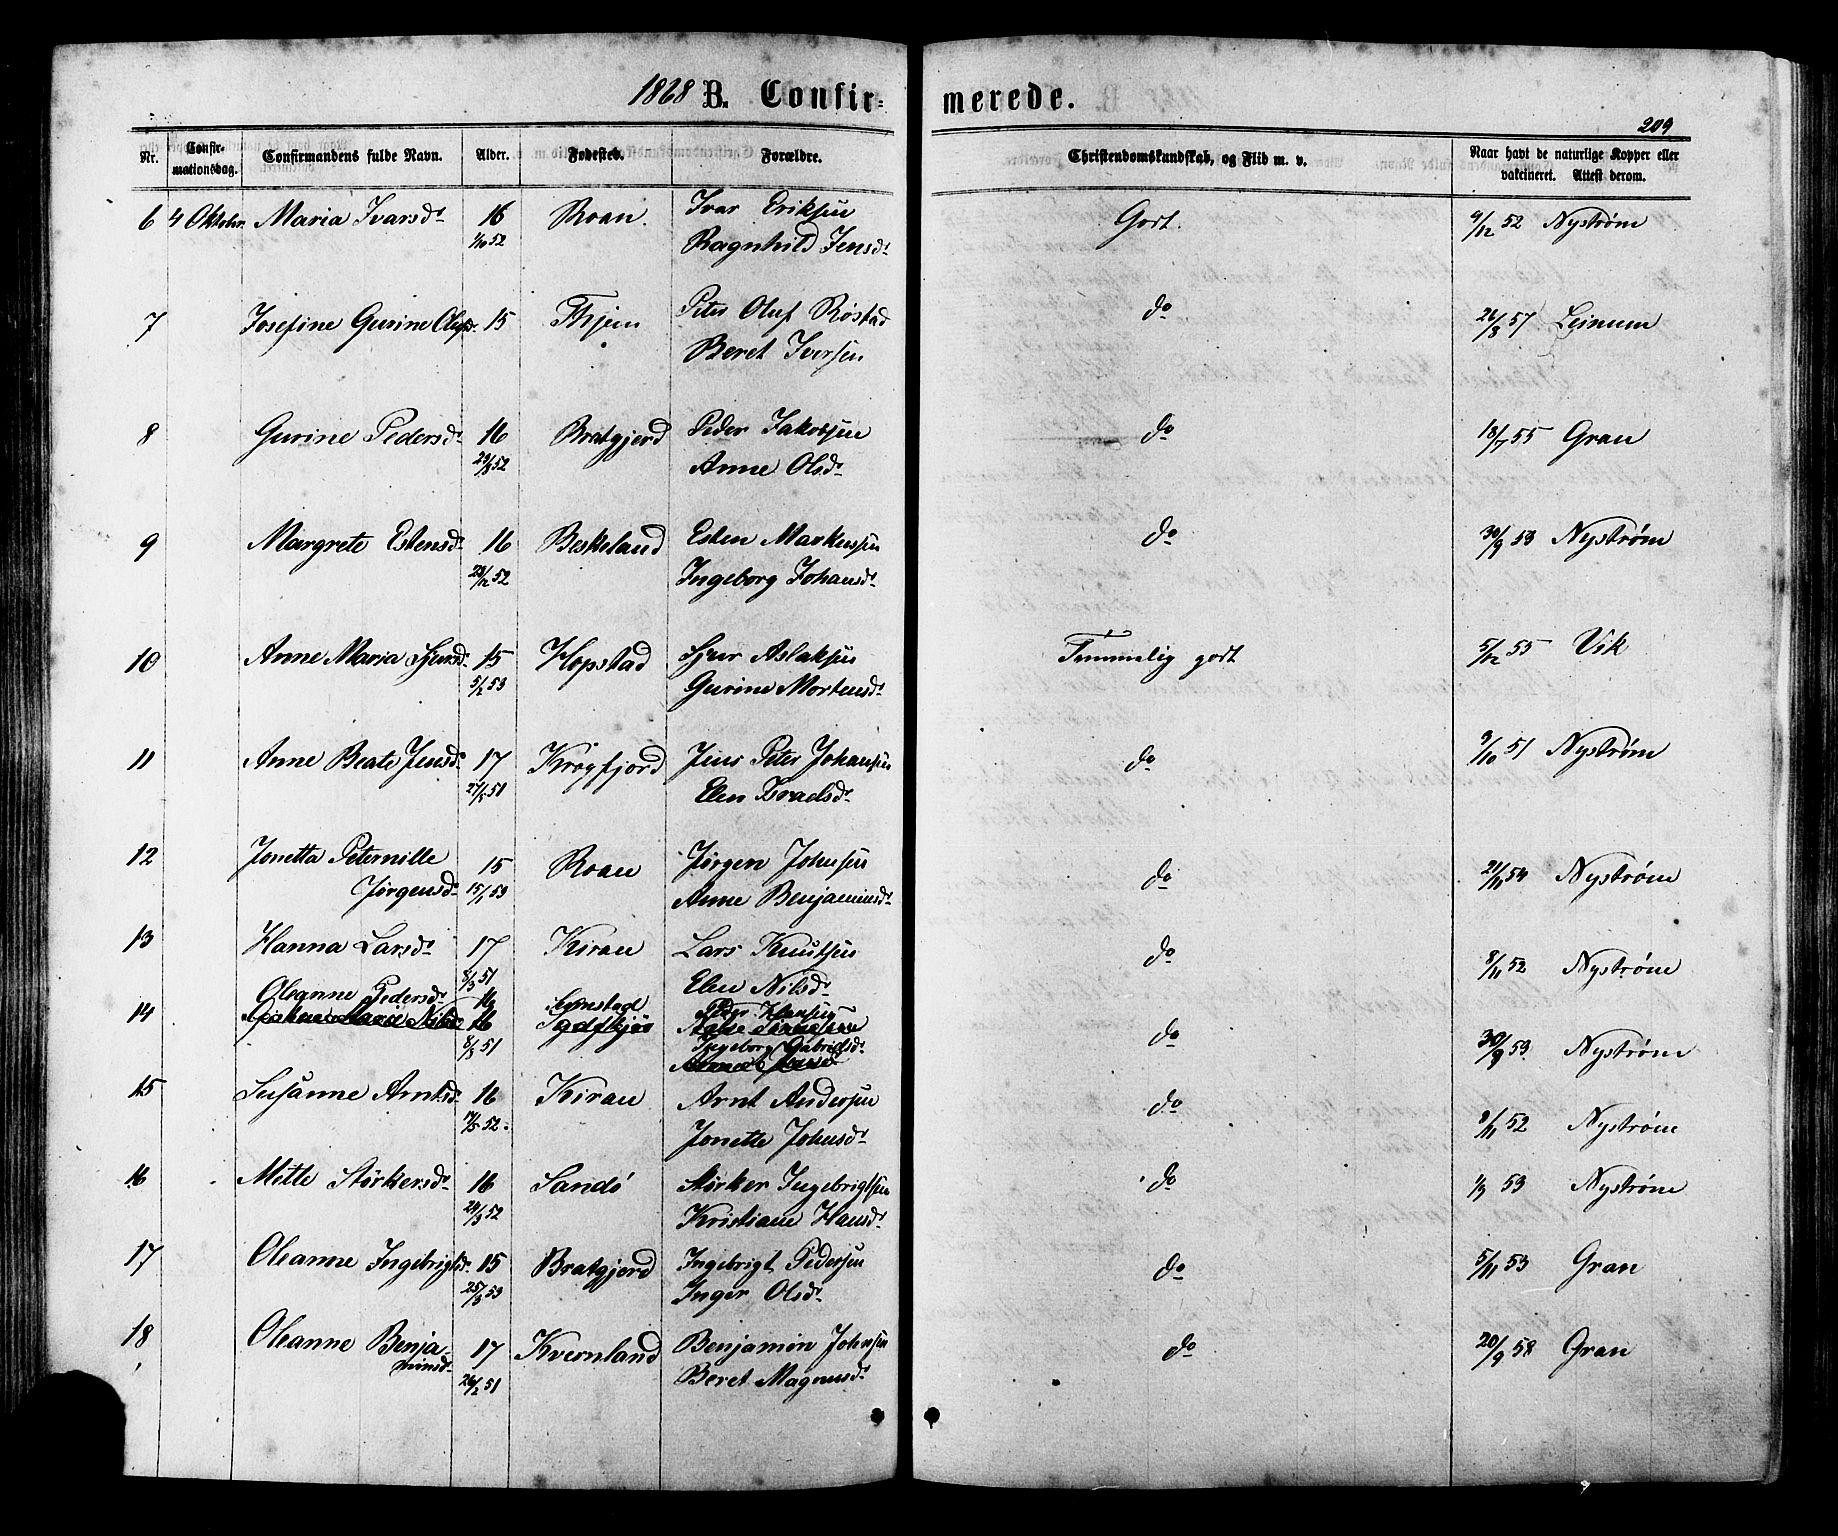 SAT, Ministerialprotokoller, klokkerbøker og fødselsregistre - Sør-Trøndelag, 657/L0706: Ministerialbok nr. 657A07, 1867-1878, s. 209